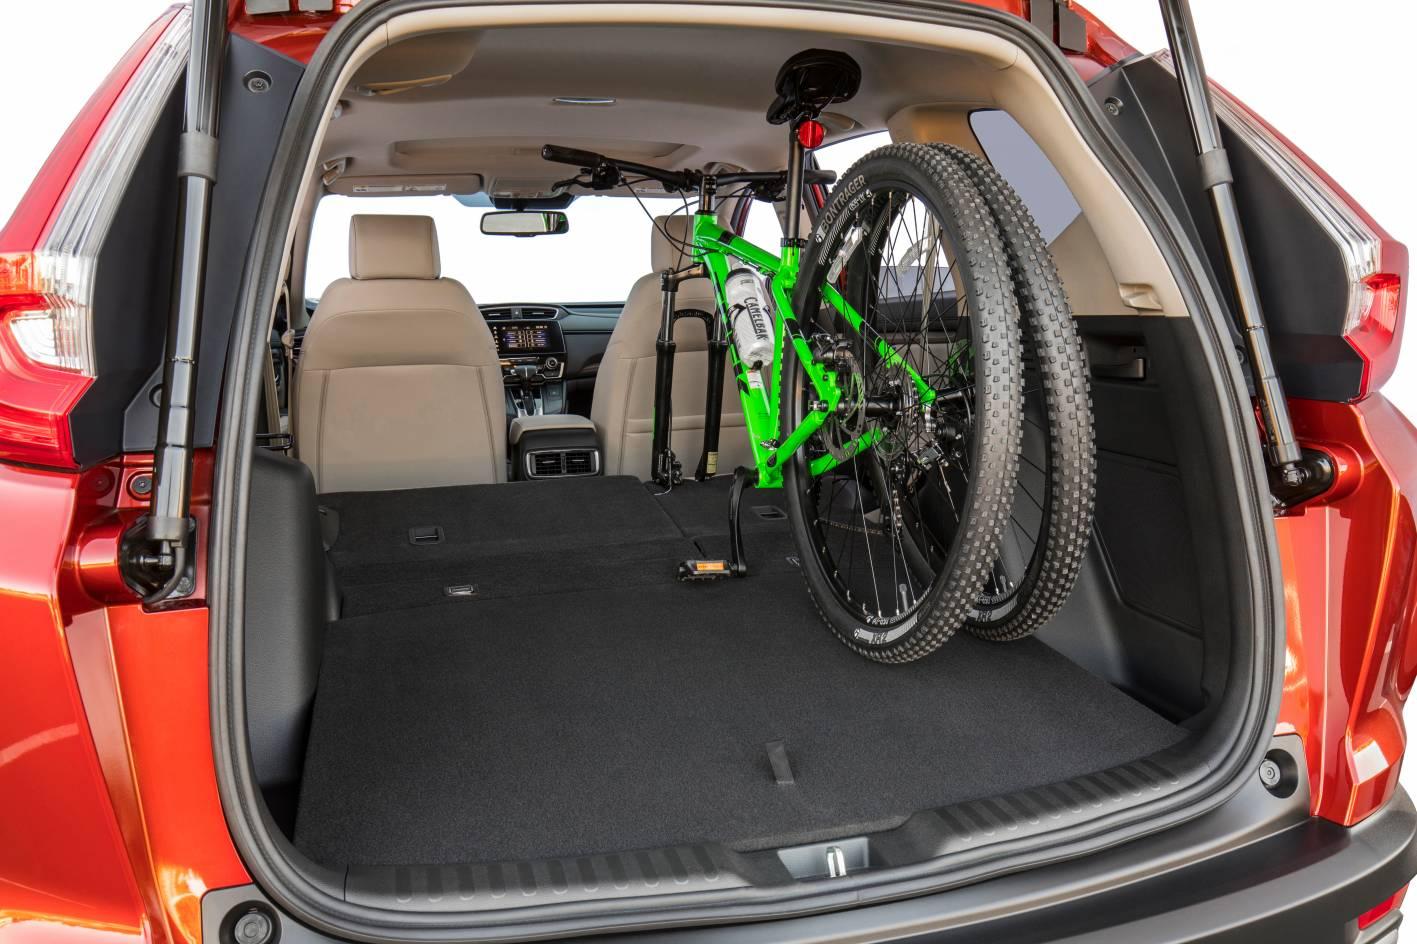 2017 Honda Crv Cargo Dimensions >> All turbo line-up and 7-seats for 2018 Honda CR-V - ForceGT.com